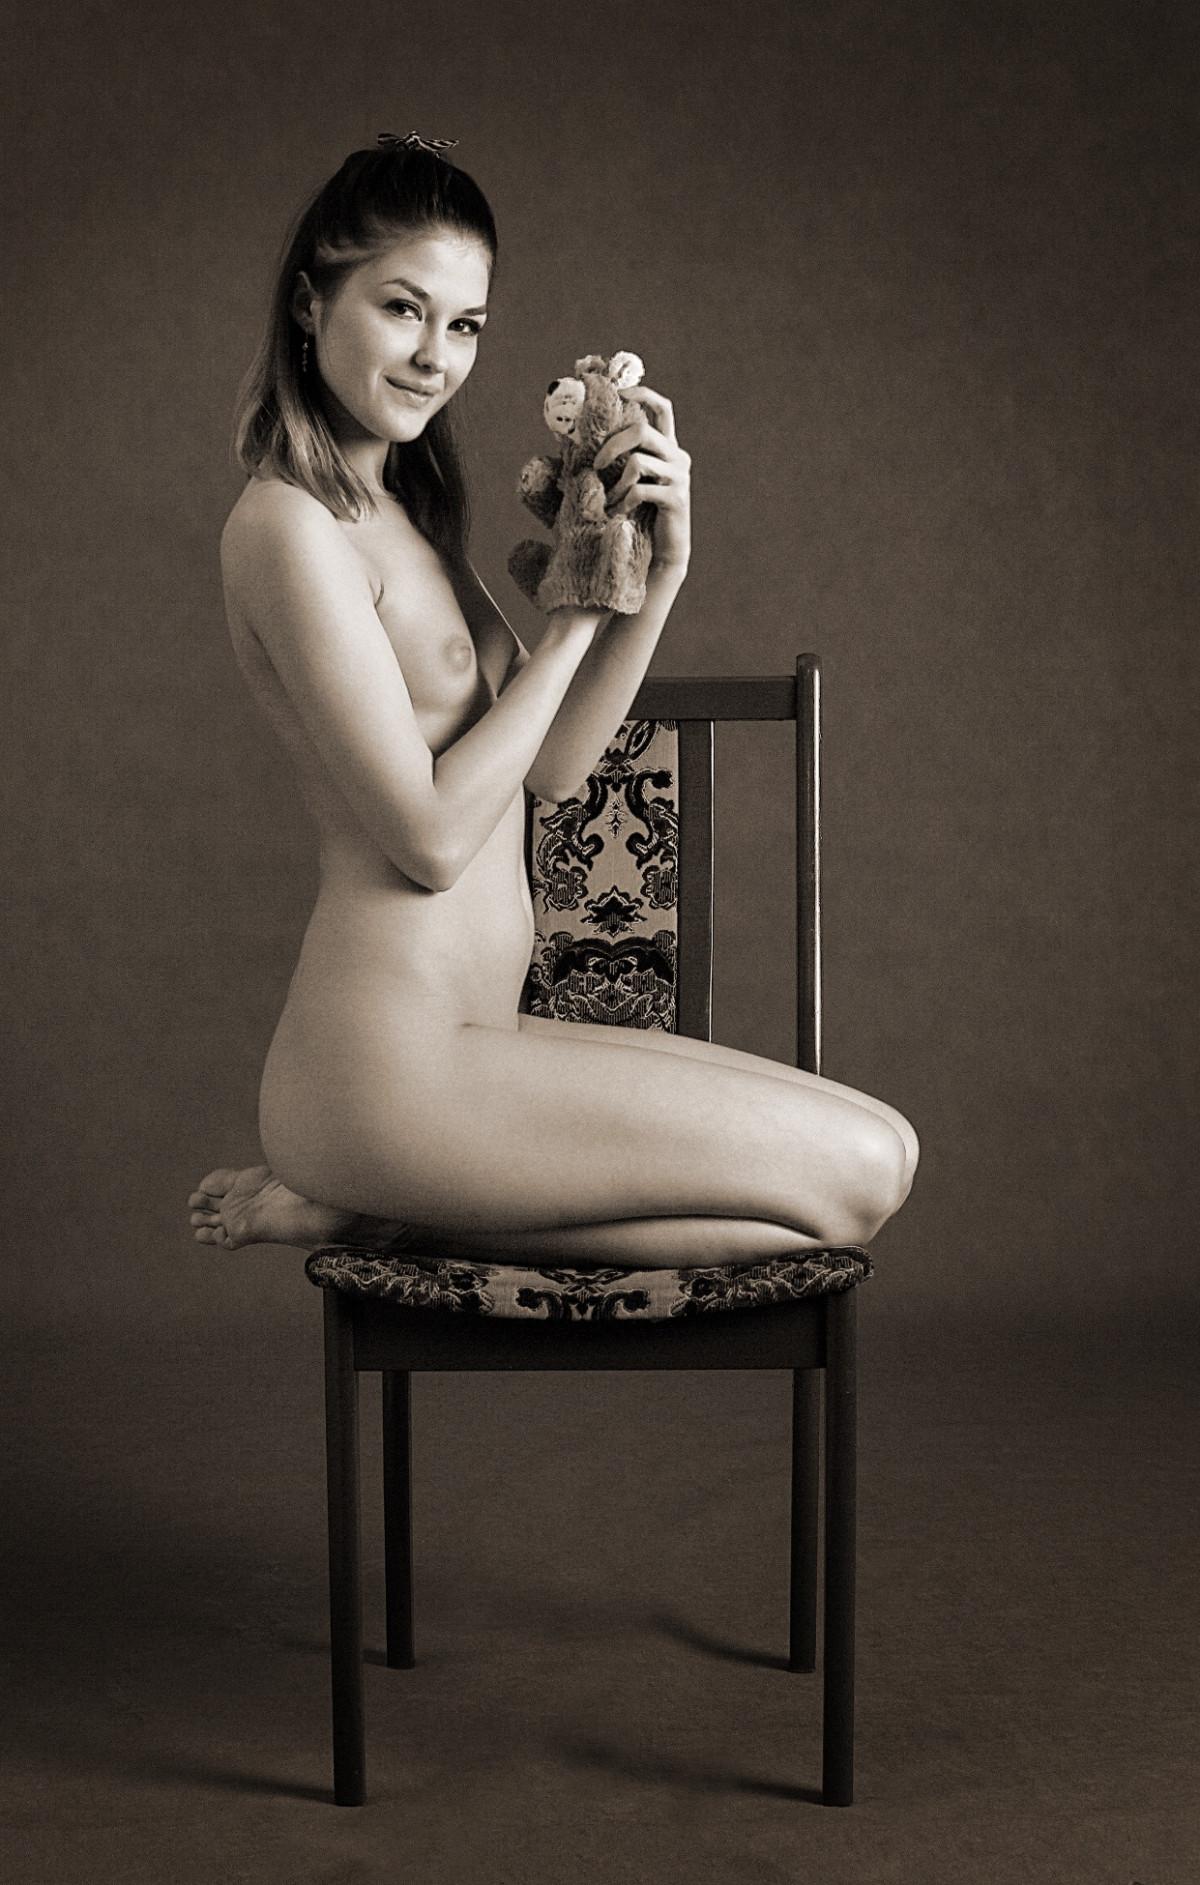 Beauty Nude Girl Pics